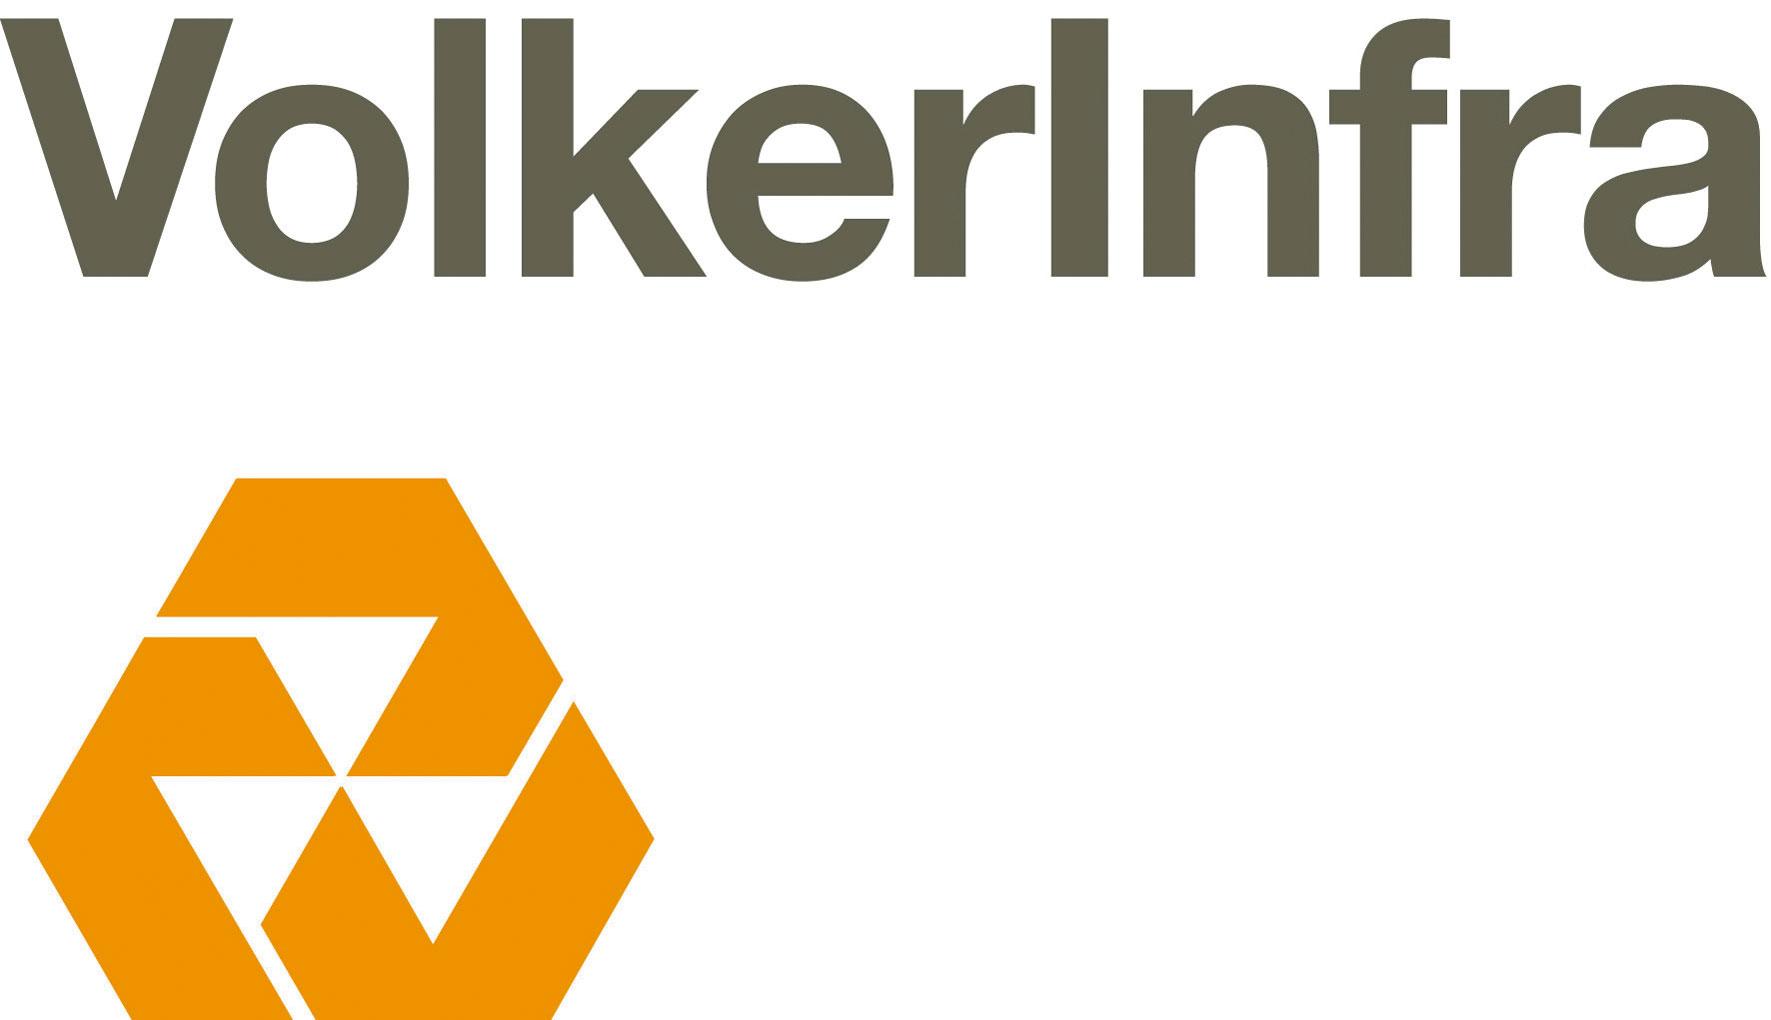 VolkerInfra